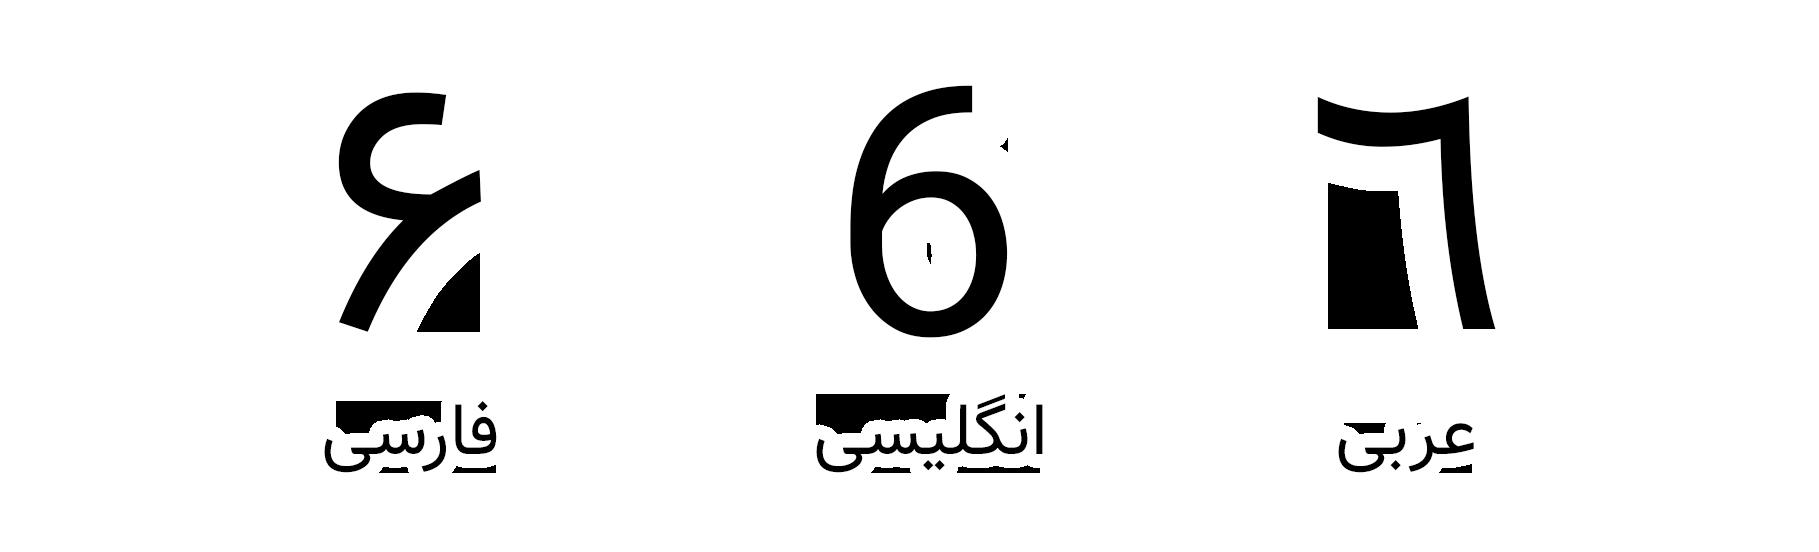 تفاوت اعداد فارسی، انگلیسی و عربی (تایپفیس وزیر)